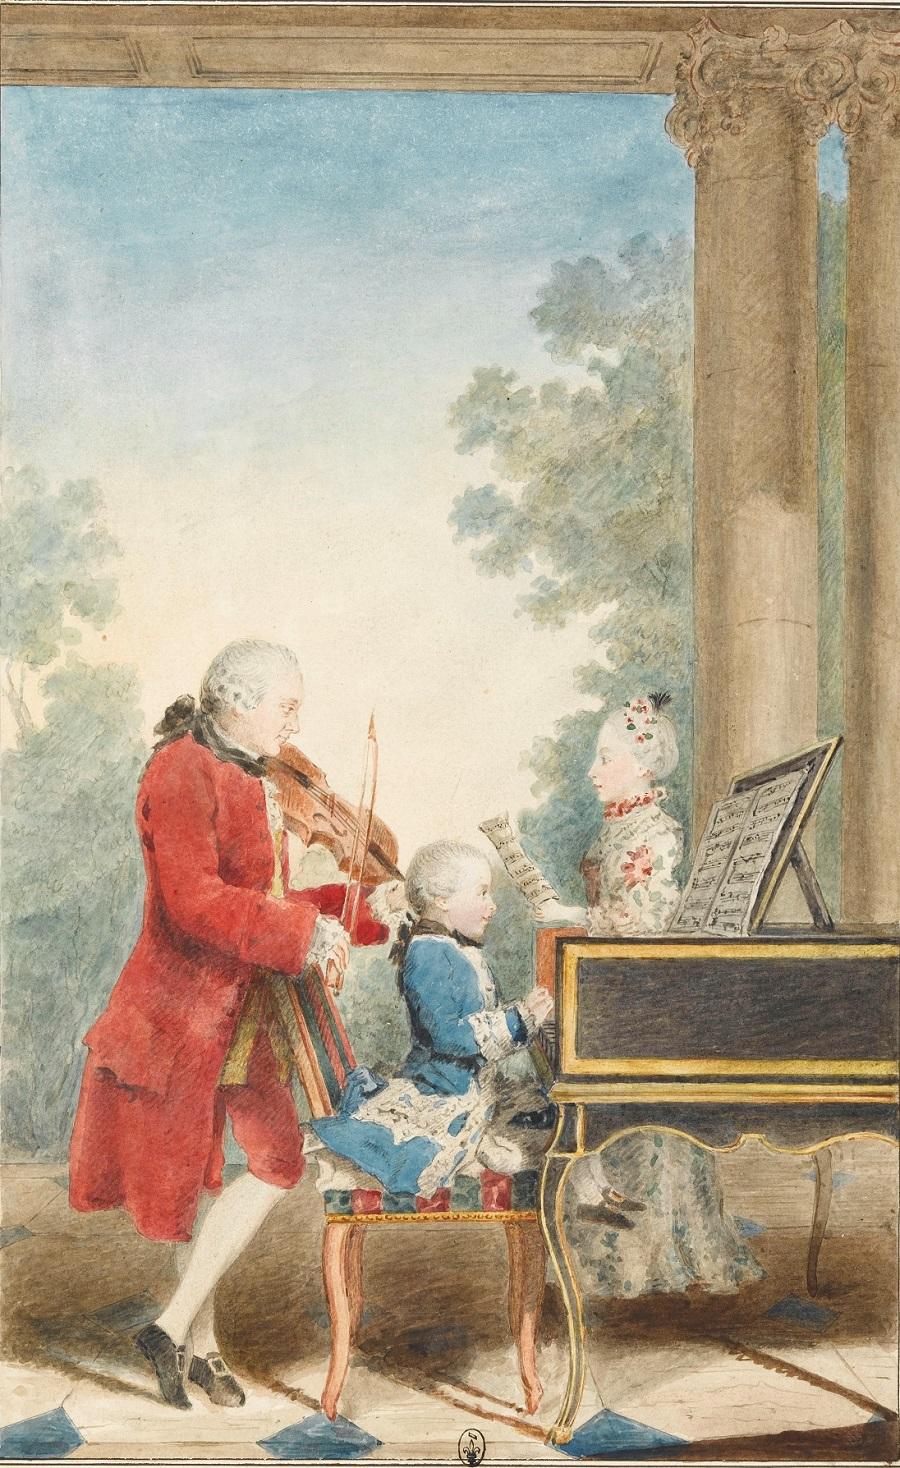 Louis_Carrogis_dit_Carmontelle_-_Portrait_de_Wolfgang_Amadeus_Mozart_(Salzbourg,_1756-Vienne,_1791)_jouant_à_Paris_avec_son_père_Jean..._-_Google_Art…